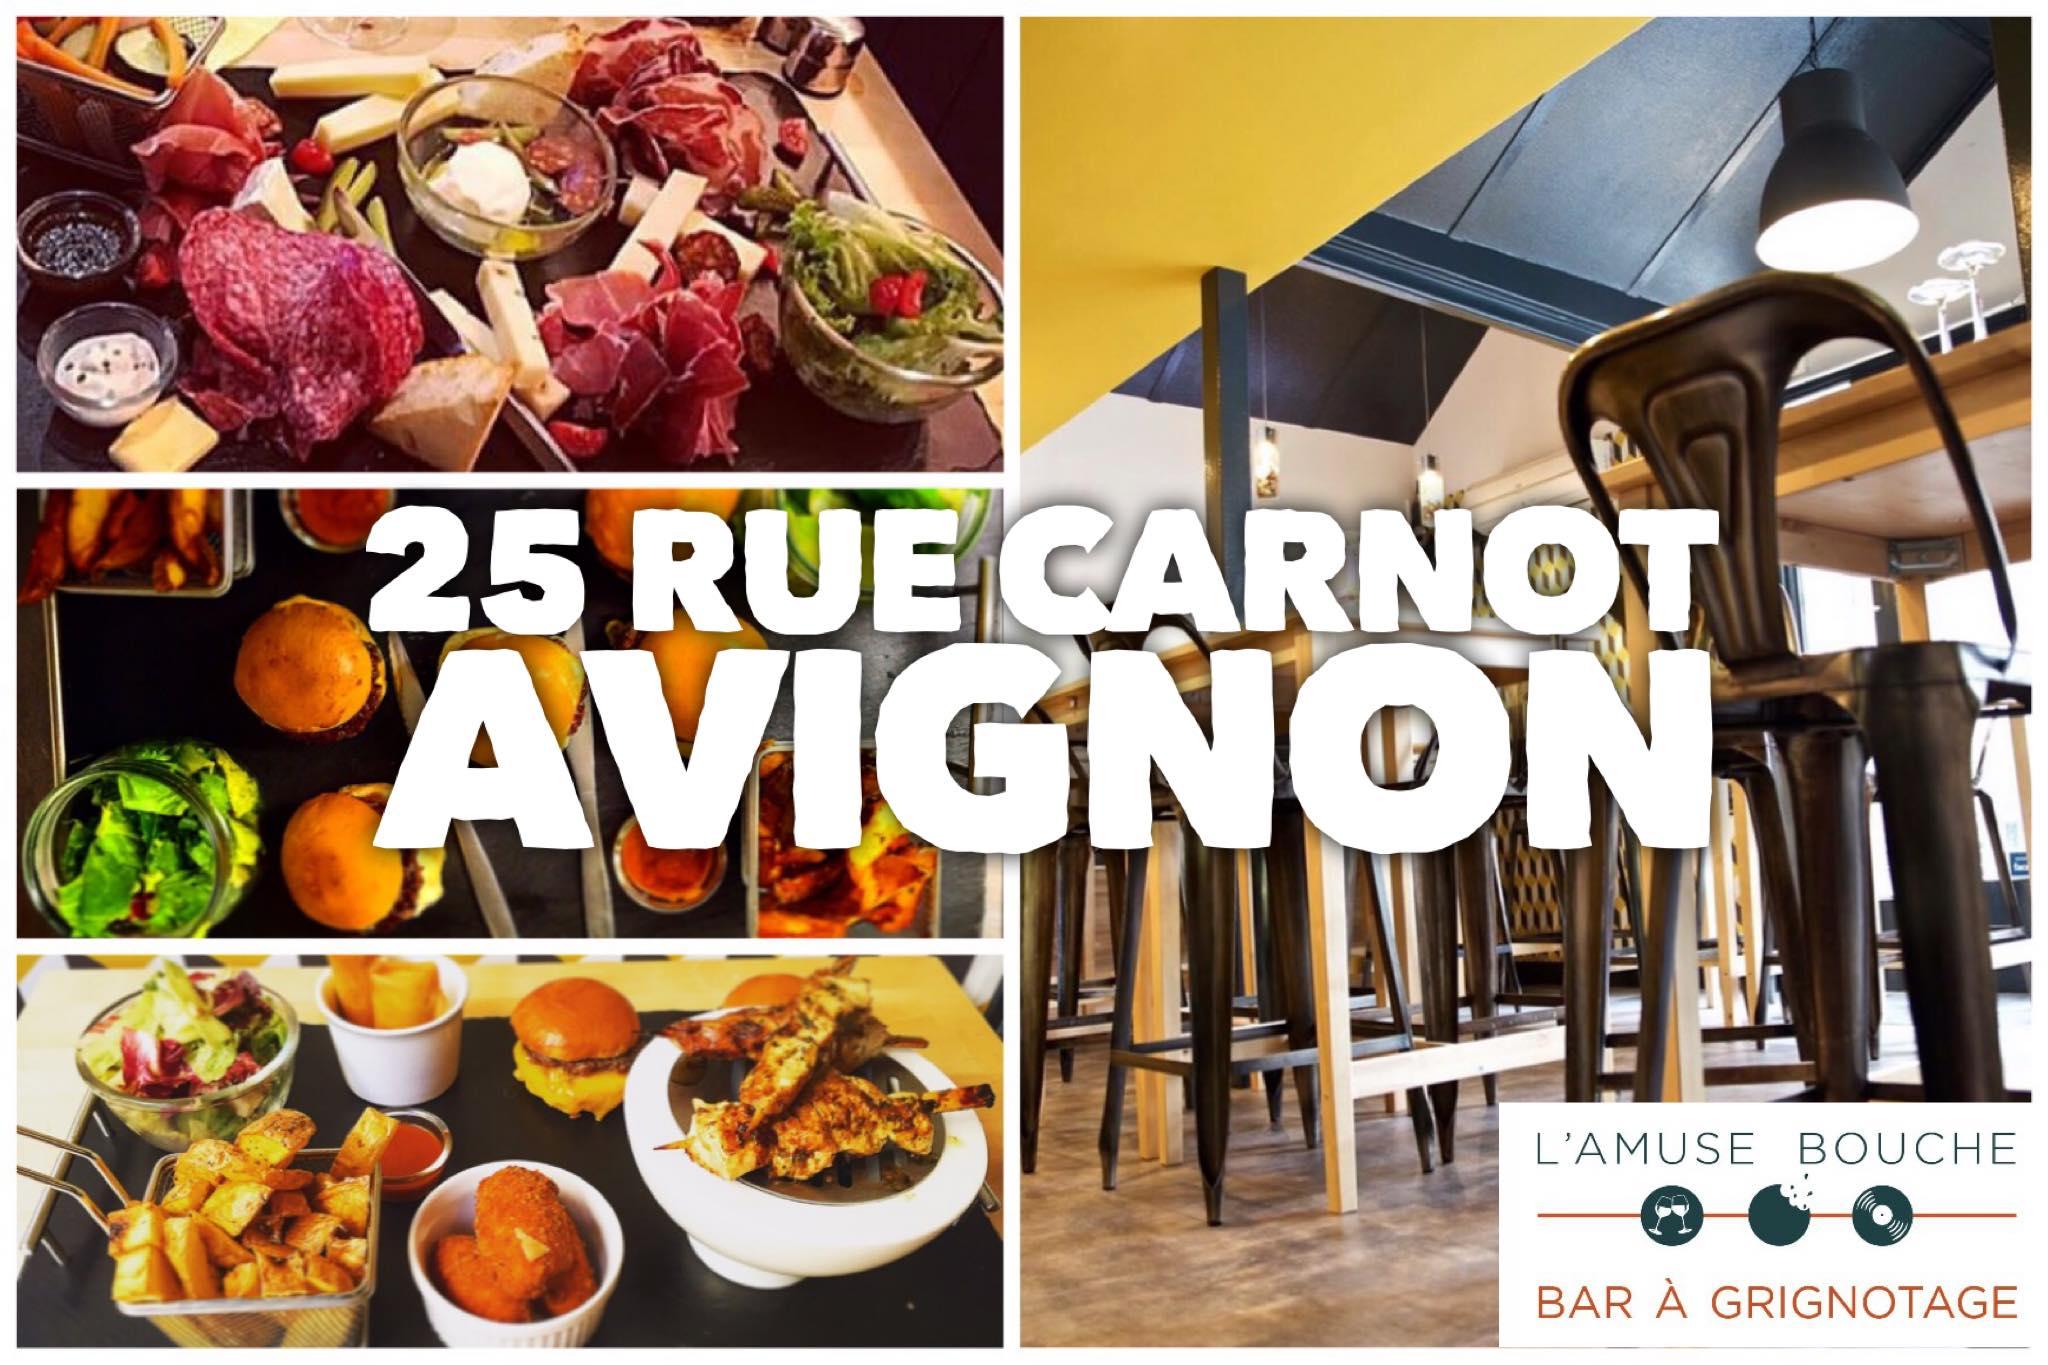 L'Amuse Bouche Avignon